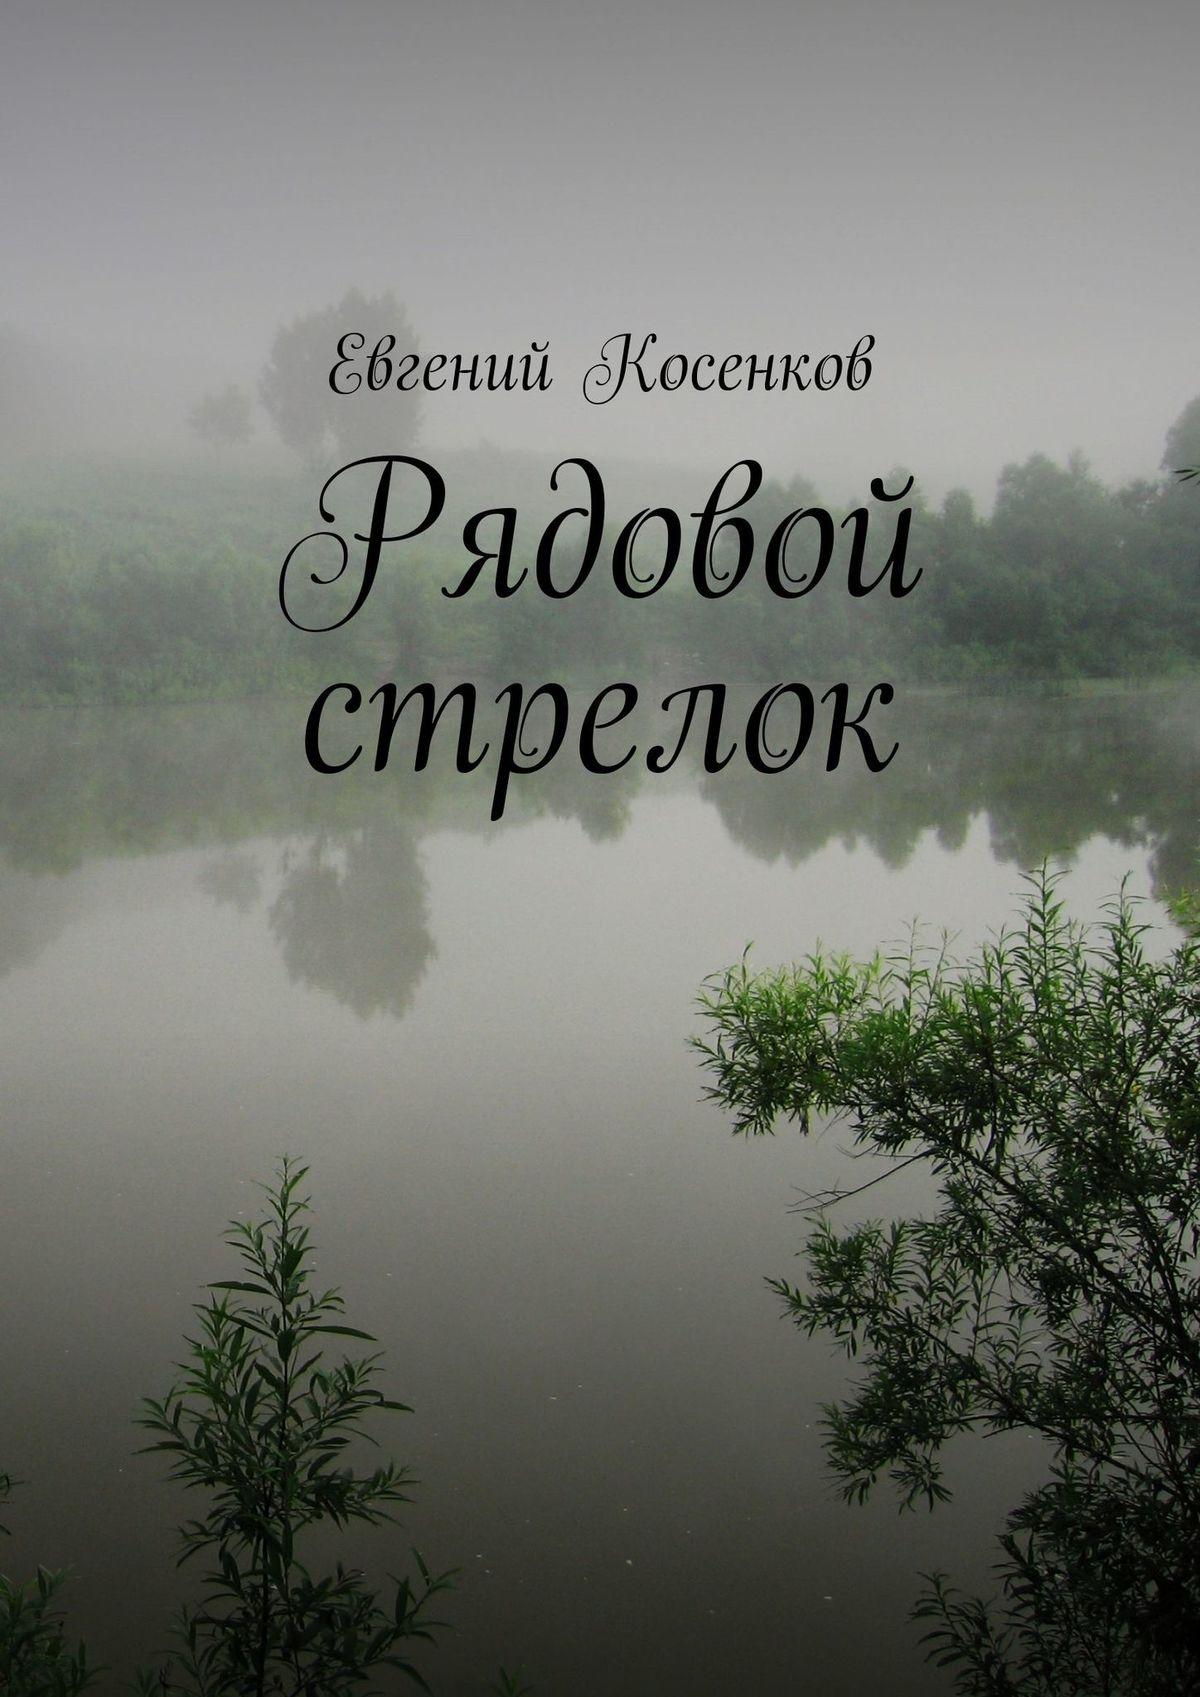 Евгений Косенков Рядовой стрелок